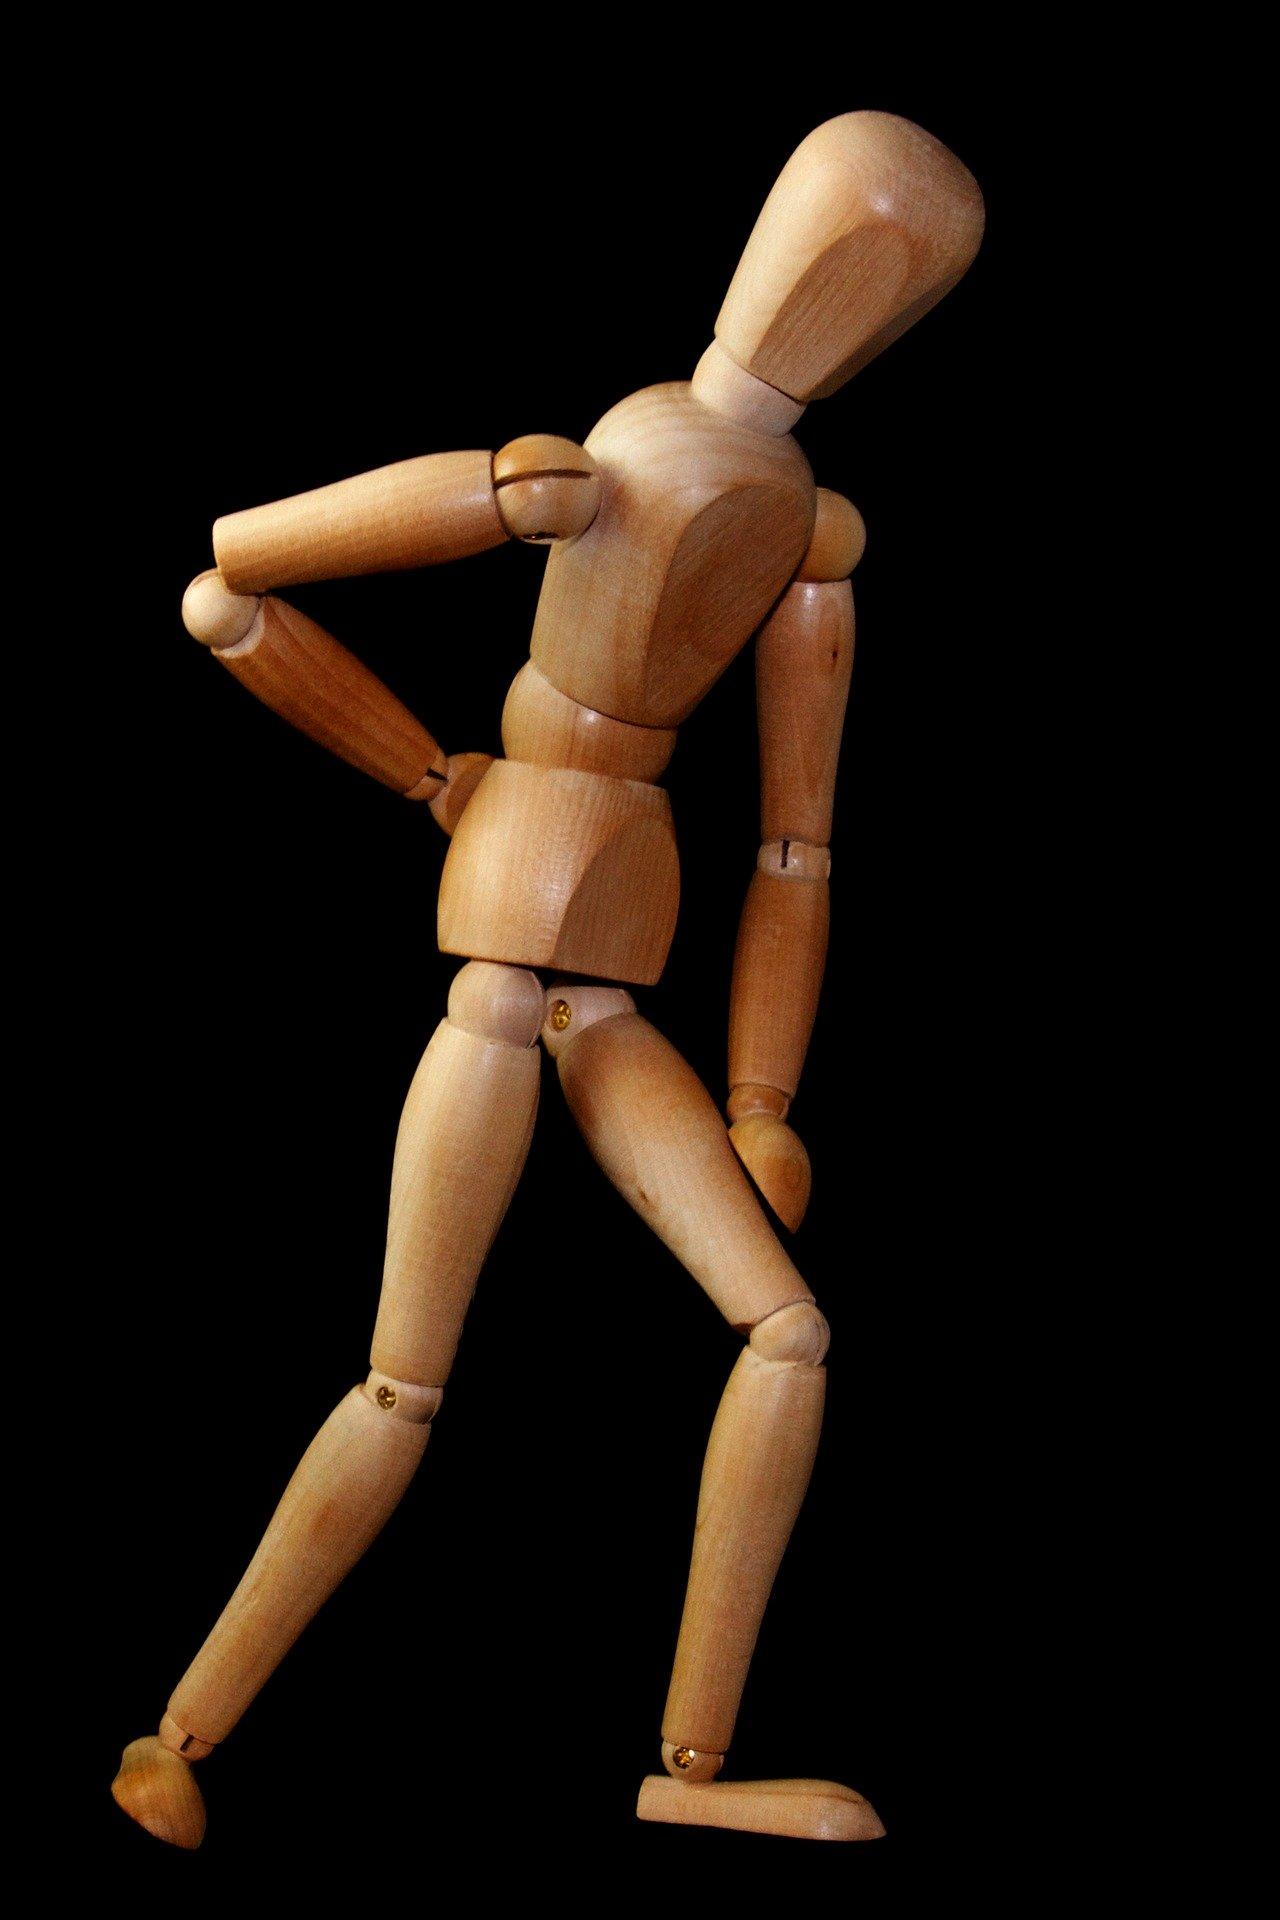 痛い腰をさする木製人形